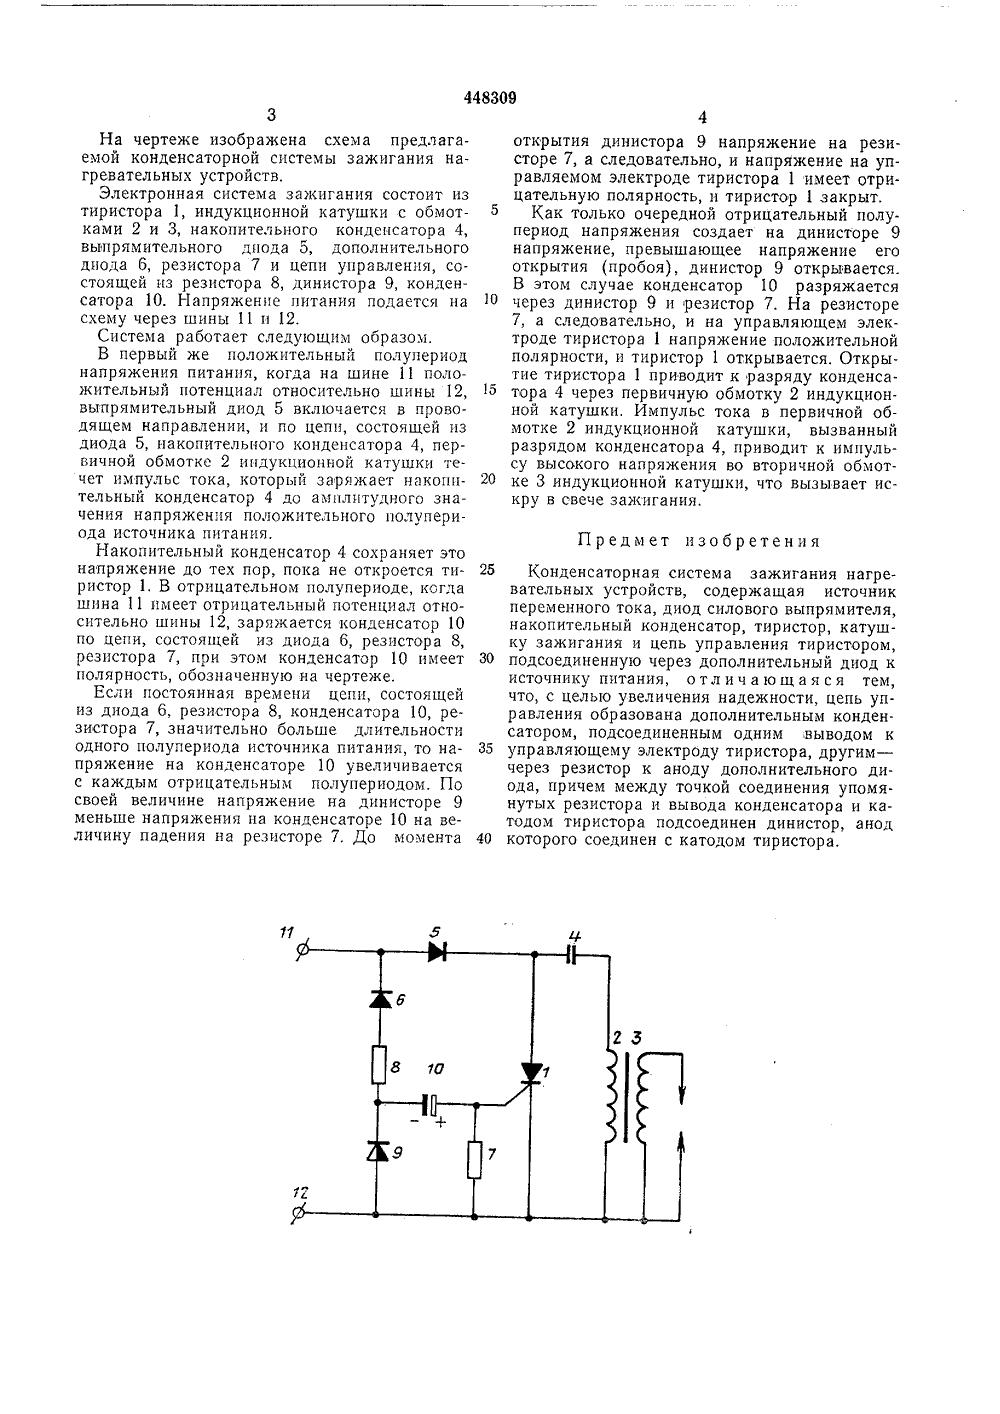 Конденсаторная система зажигания схема фото 931